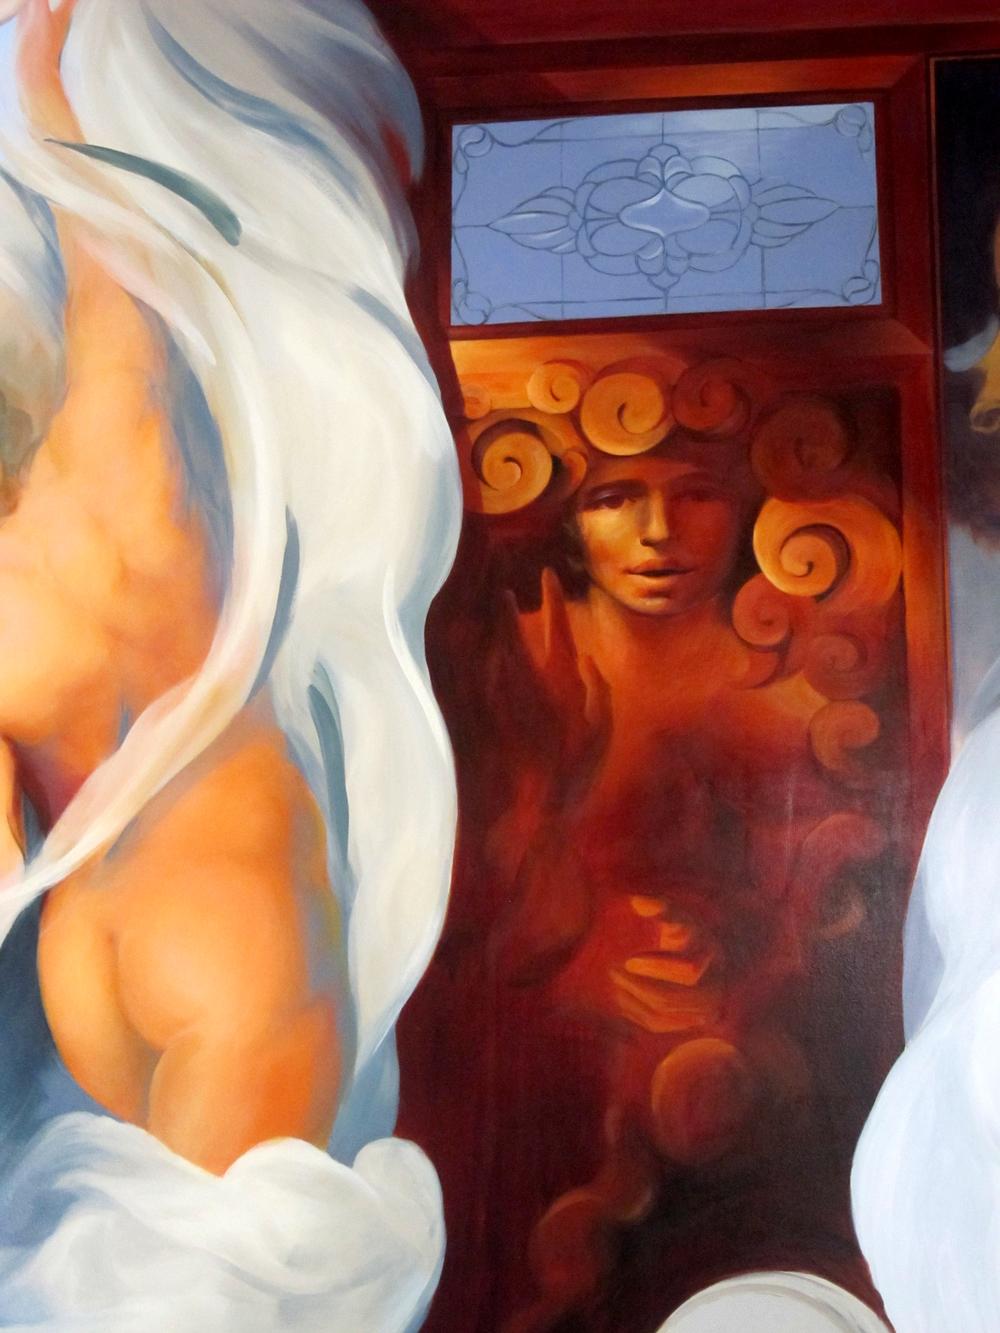 Ceiling Mural detail center 2 trinkamarguasimon.jpg